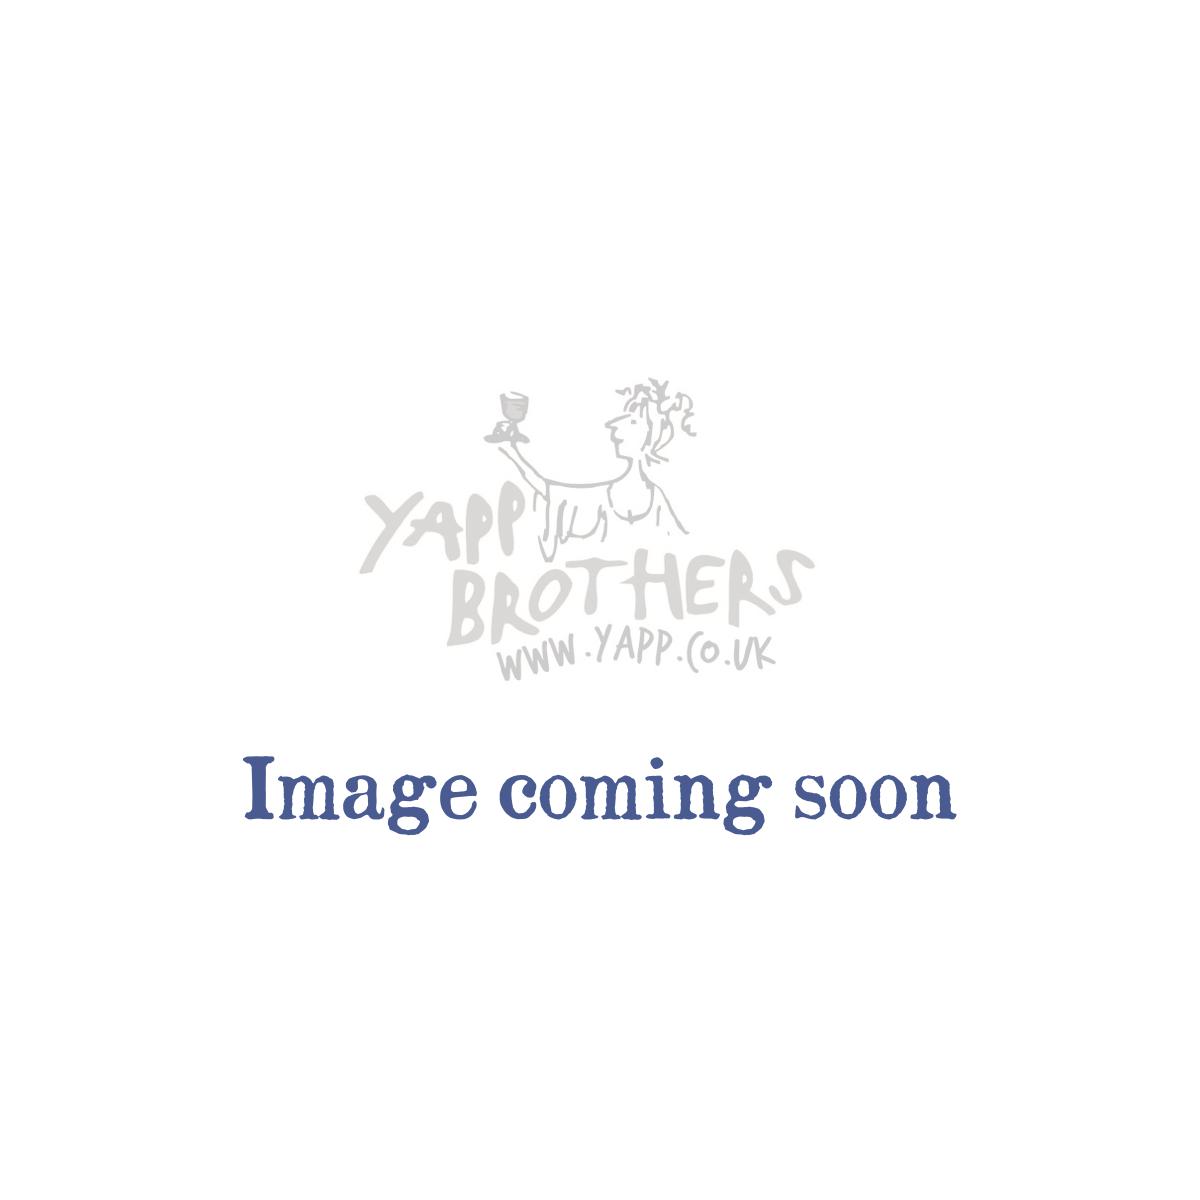 Nuits-Saint-Georges: Domaine Bertagna Premier Cru 'Les Murgers' 2013 - Bottle Side Label